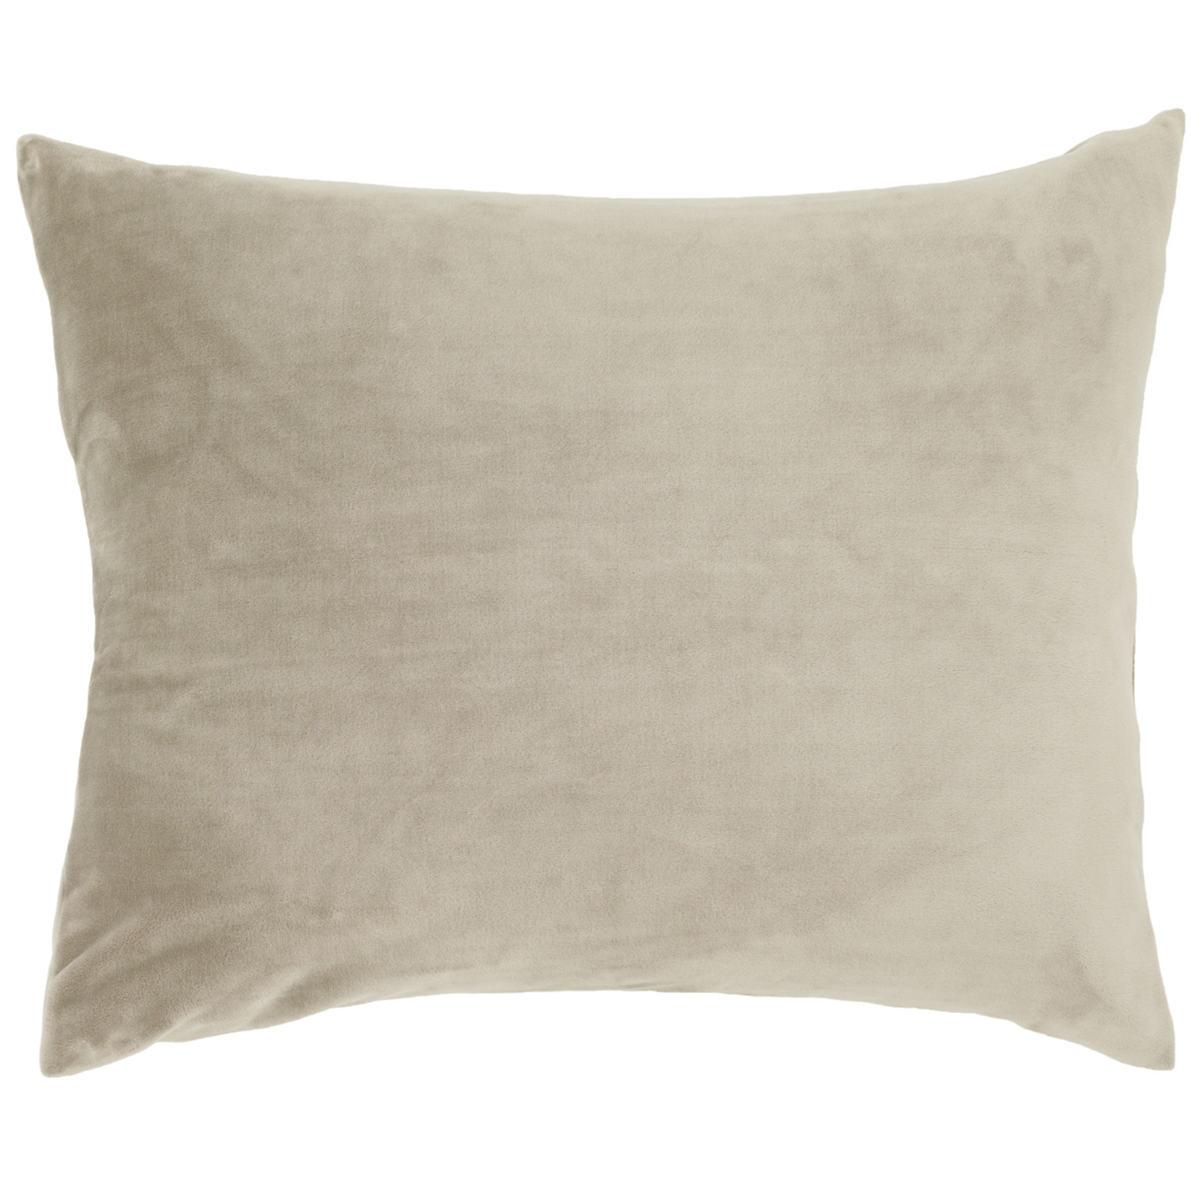 Selke Fleece Linen Decorative Pillow